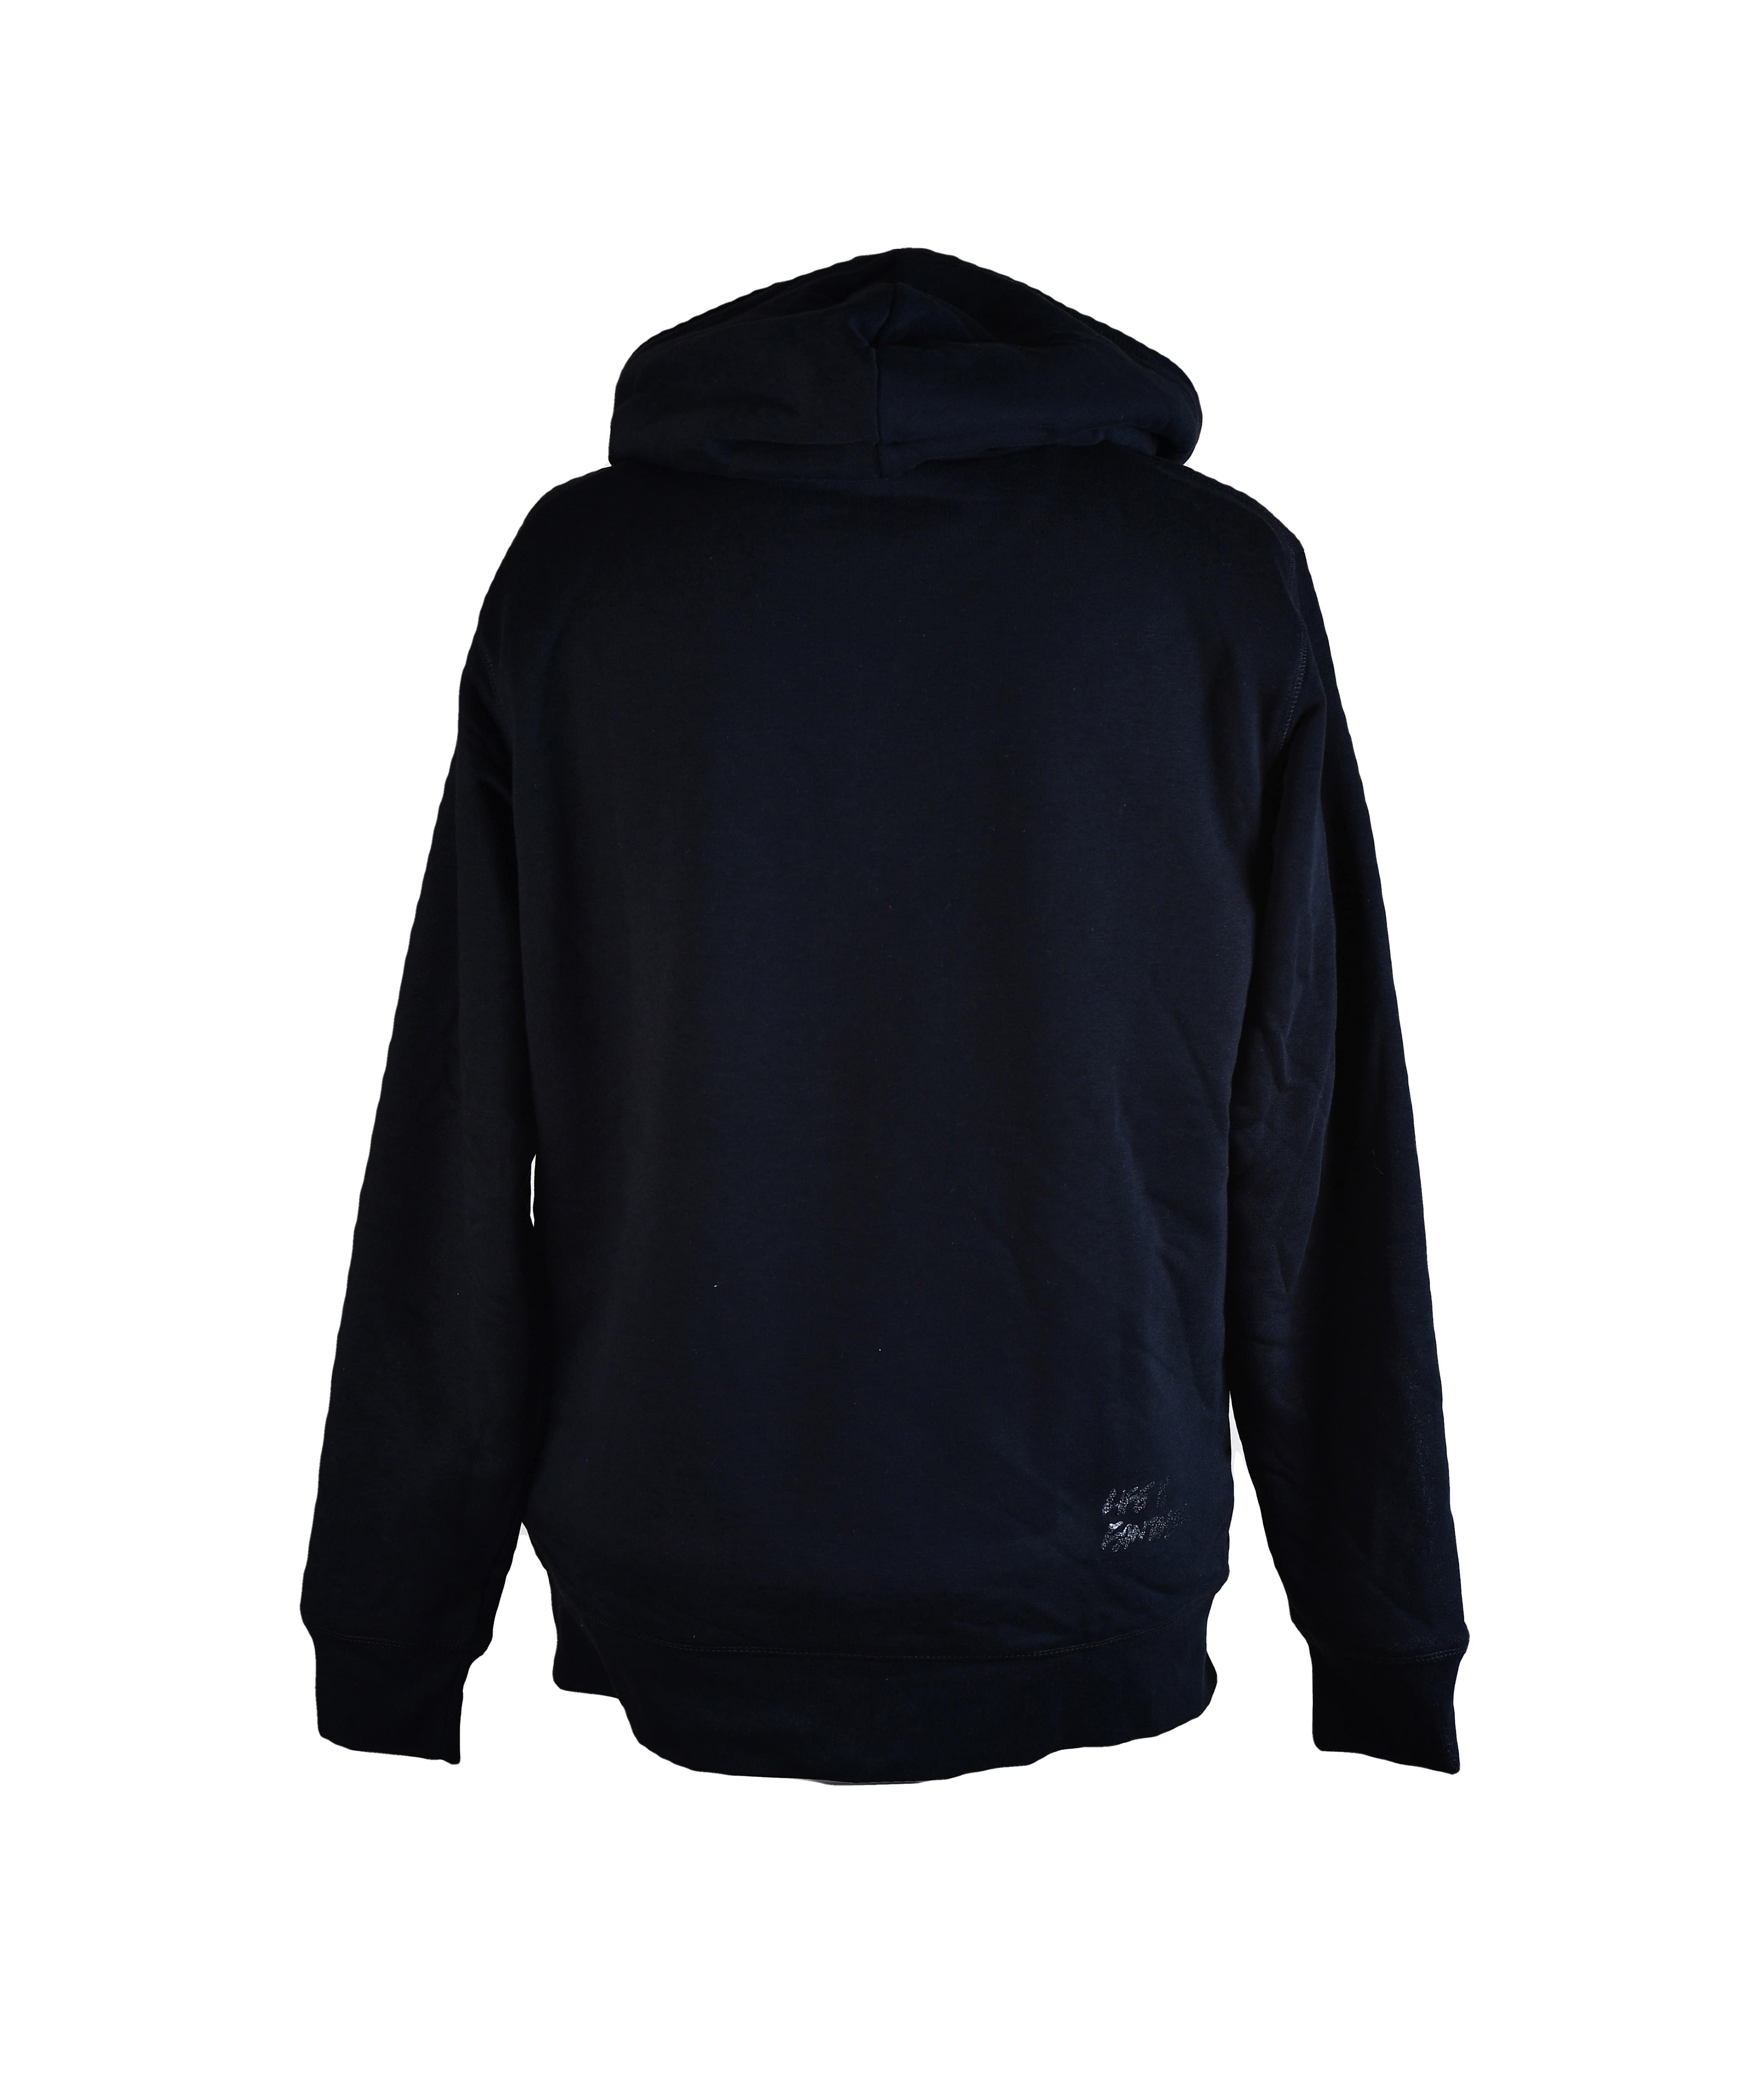 Cálido suéter Ramon Sherpa con capucha, cremallera y forro Sherpa